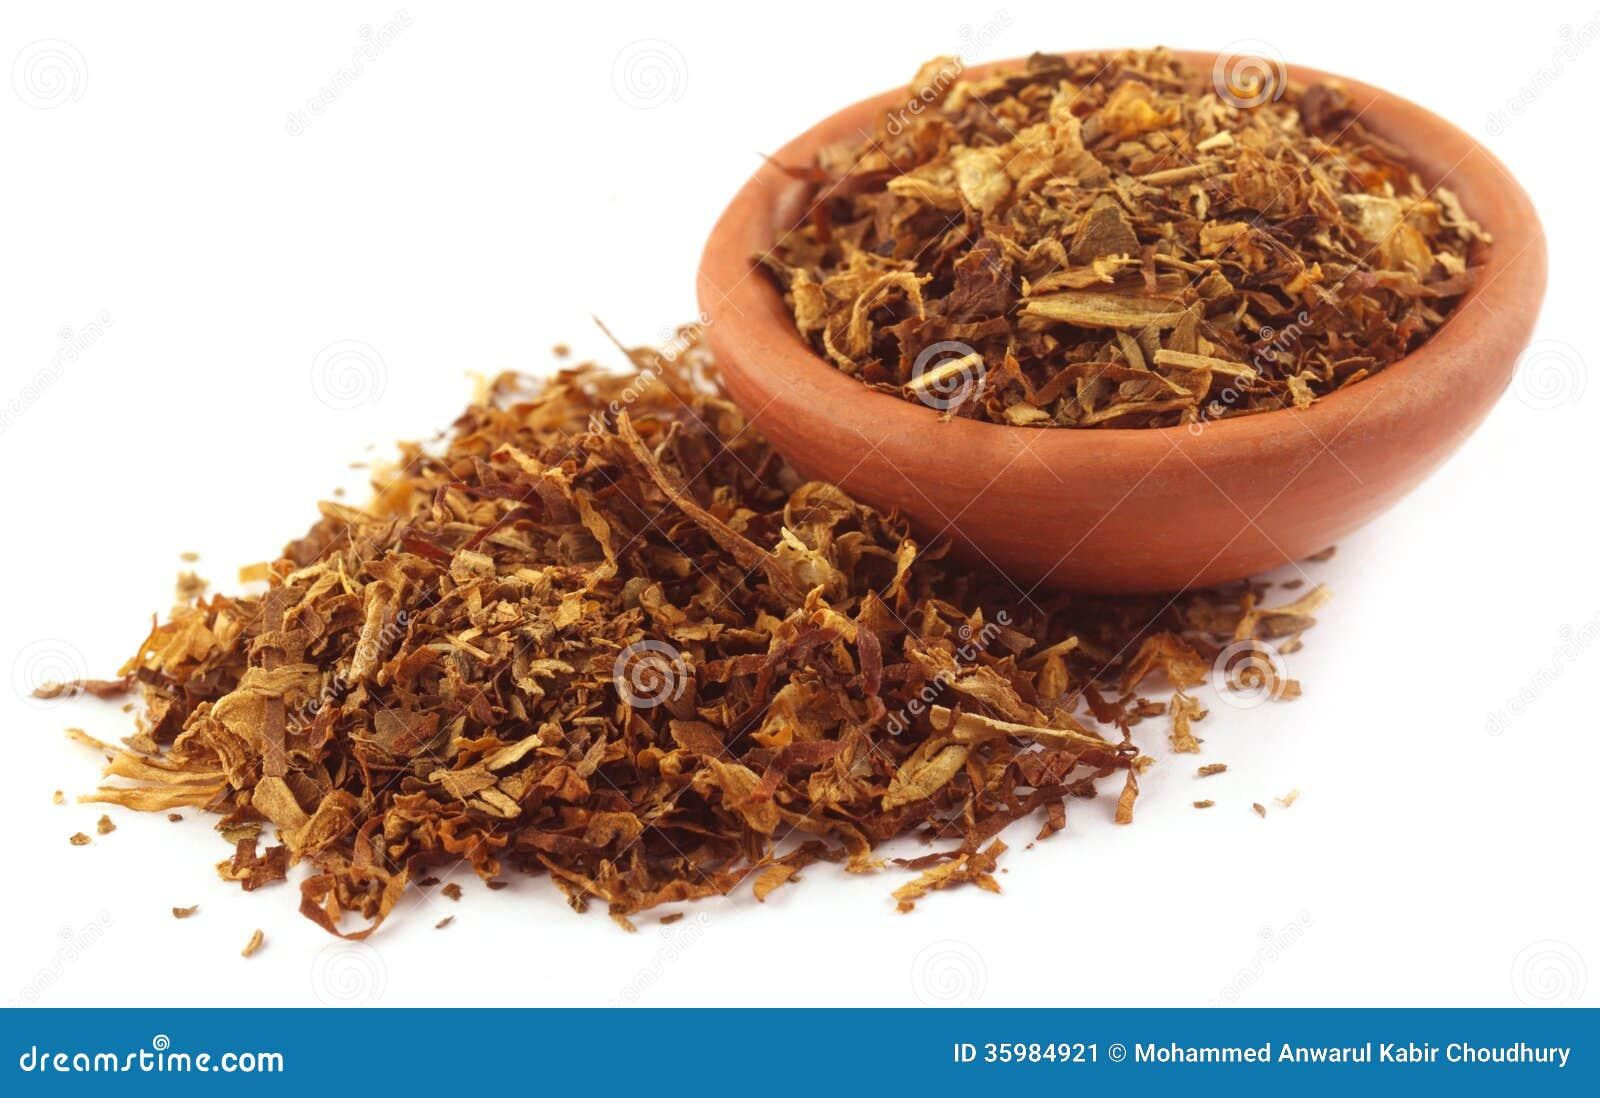 Tabac pour faire la cigarette